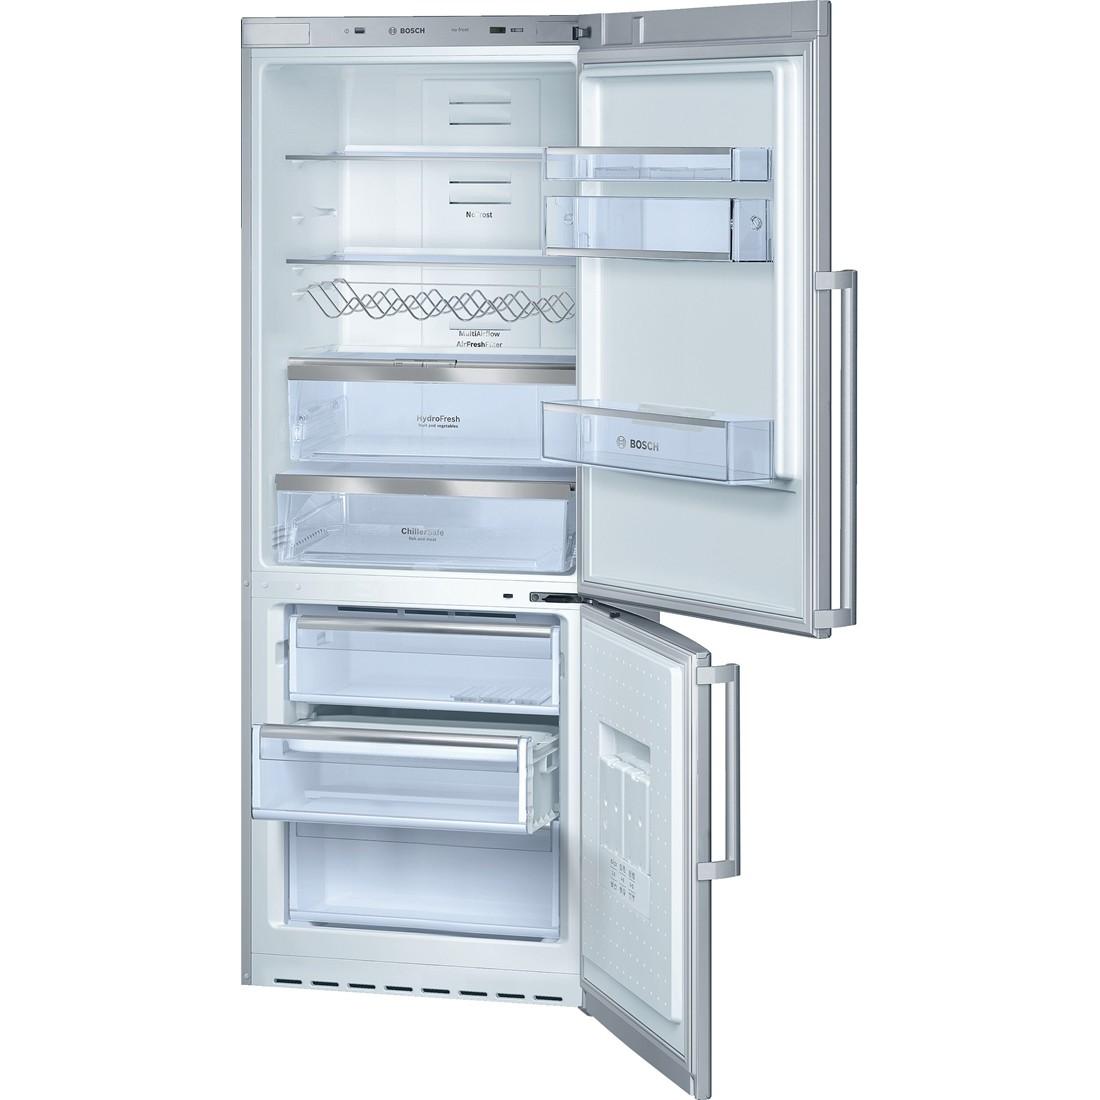 Los 5 mejores frigor ficos combi bosch frigor ficos en - Frigorificos bosch una puerta ...